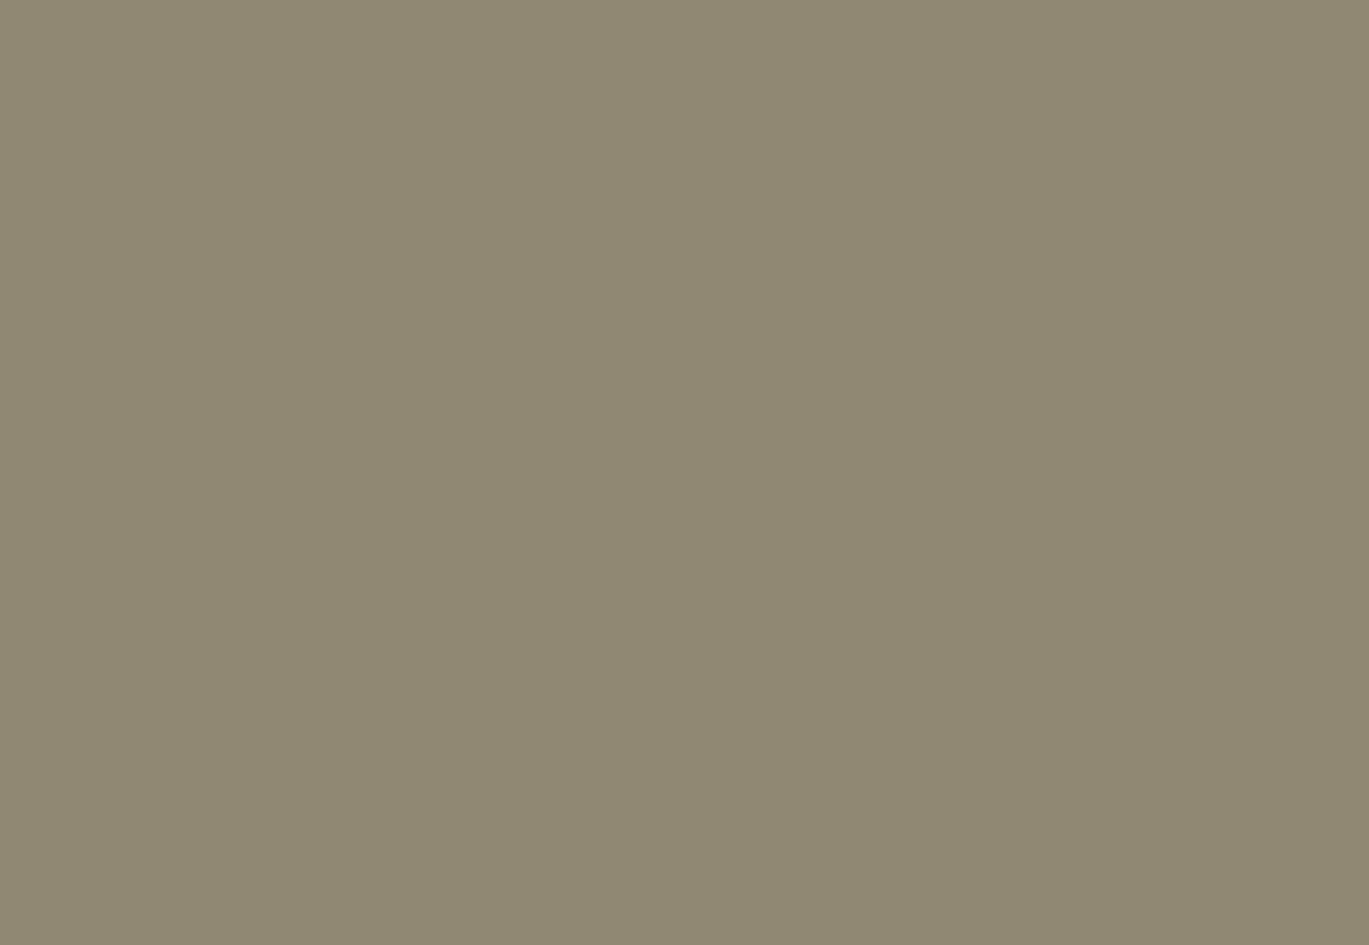 519122.average - Народный промысел родного края